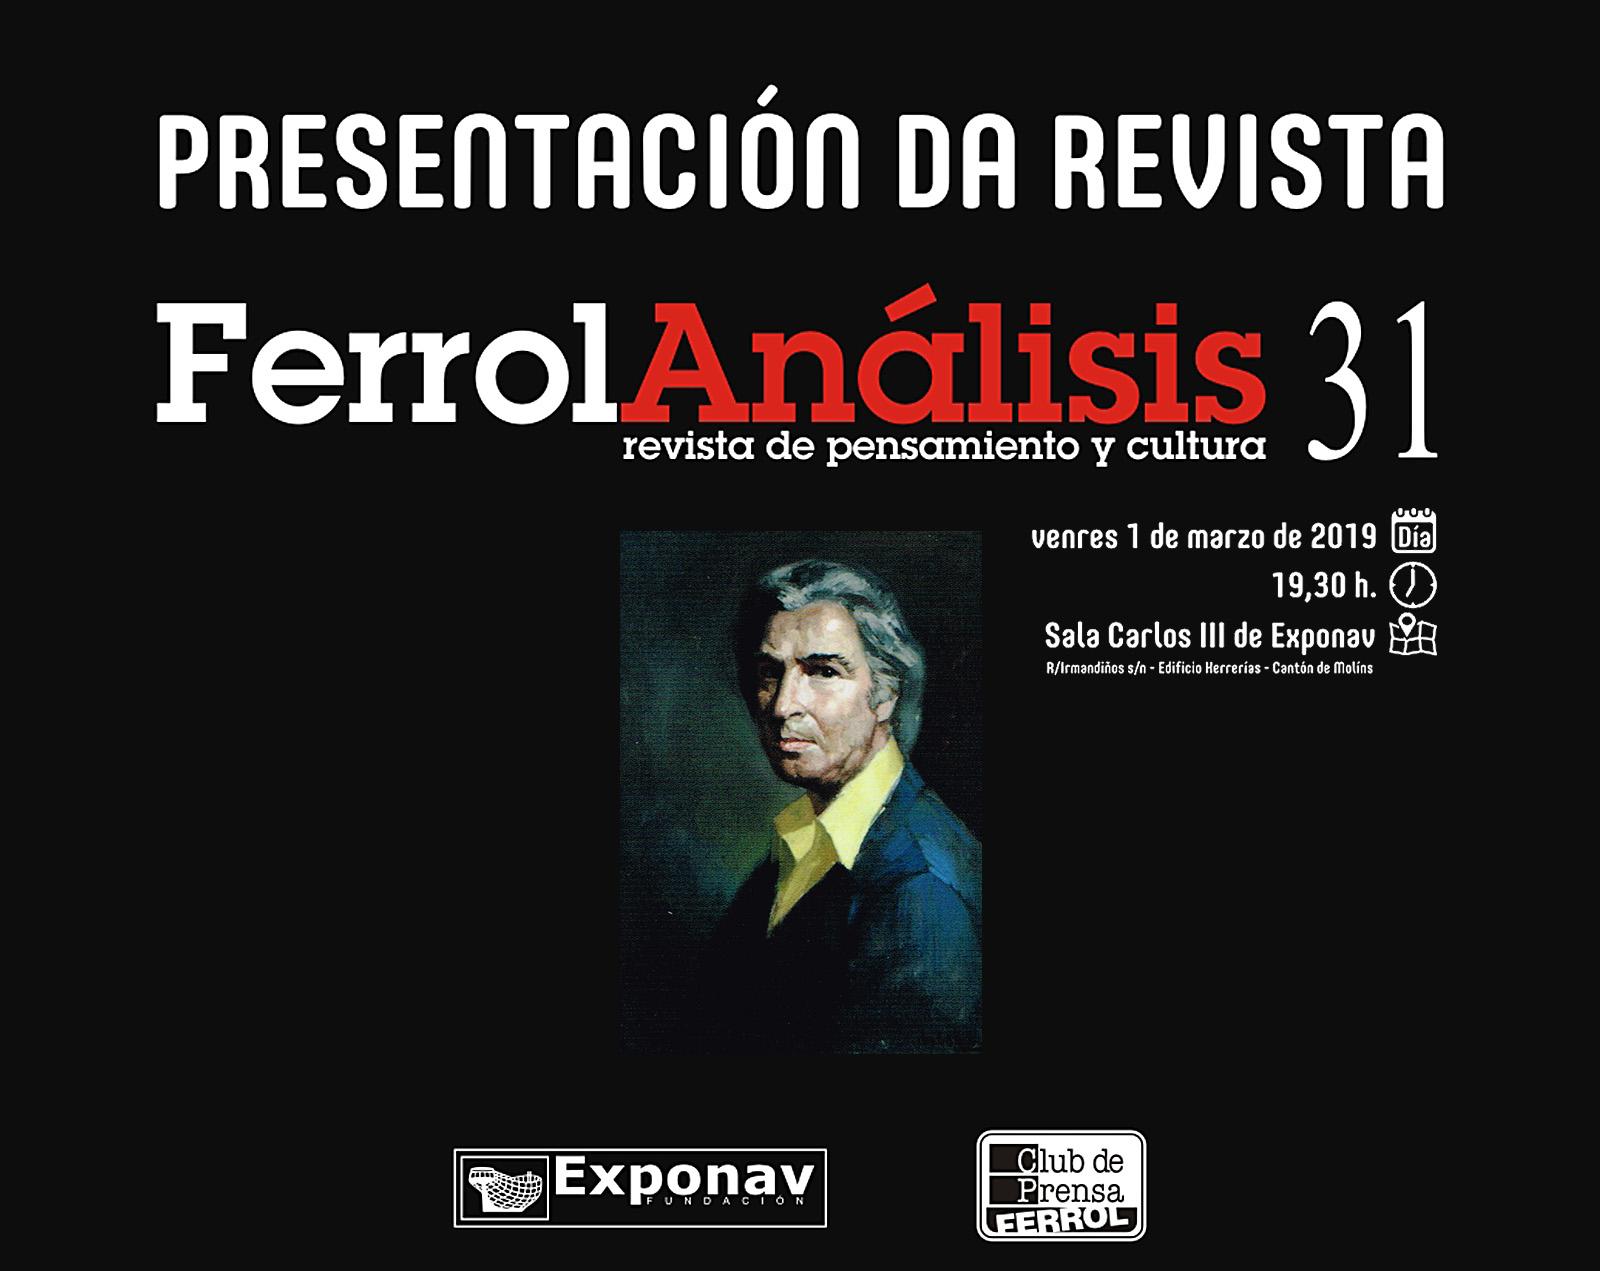 Presentacion FerrolAnalisis31